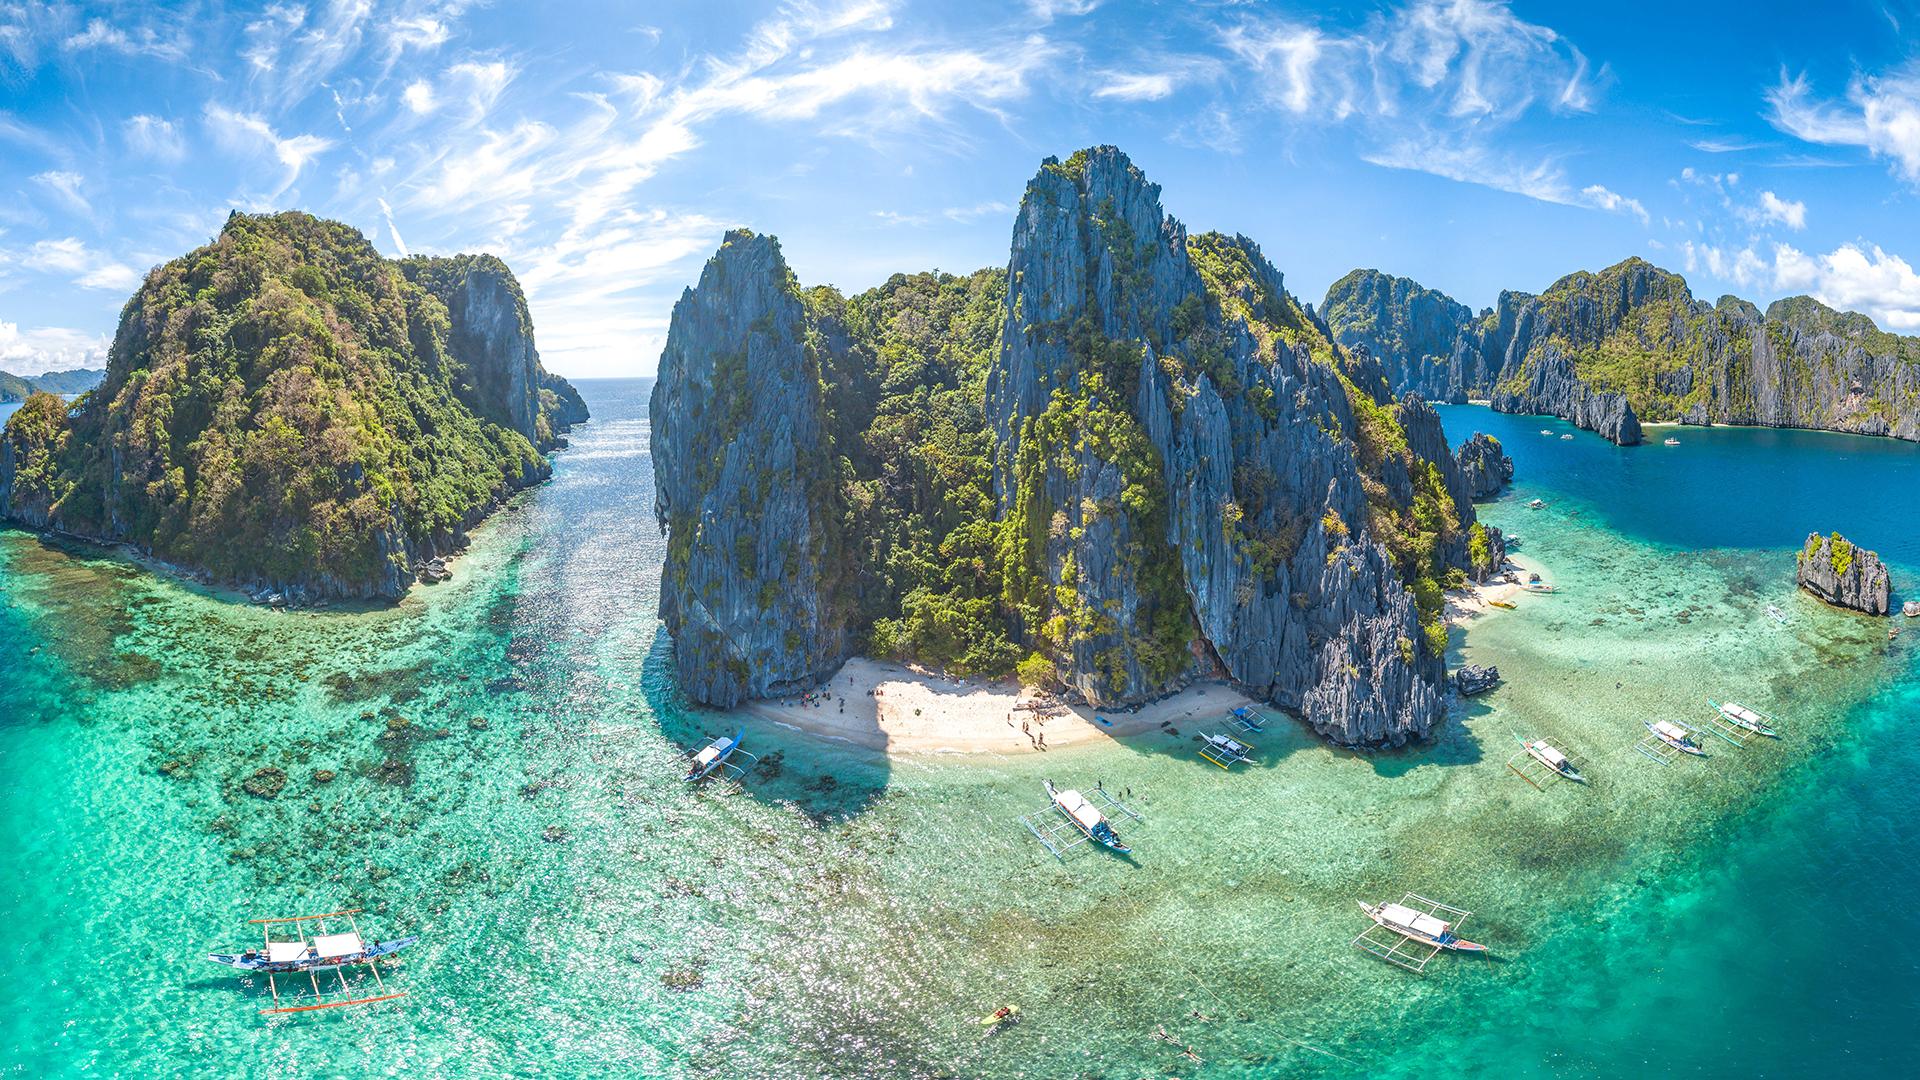 Hay más de 7.000 islas en Filipinas, y se encuentran fácilmente entre las más bellas del mundo